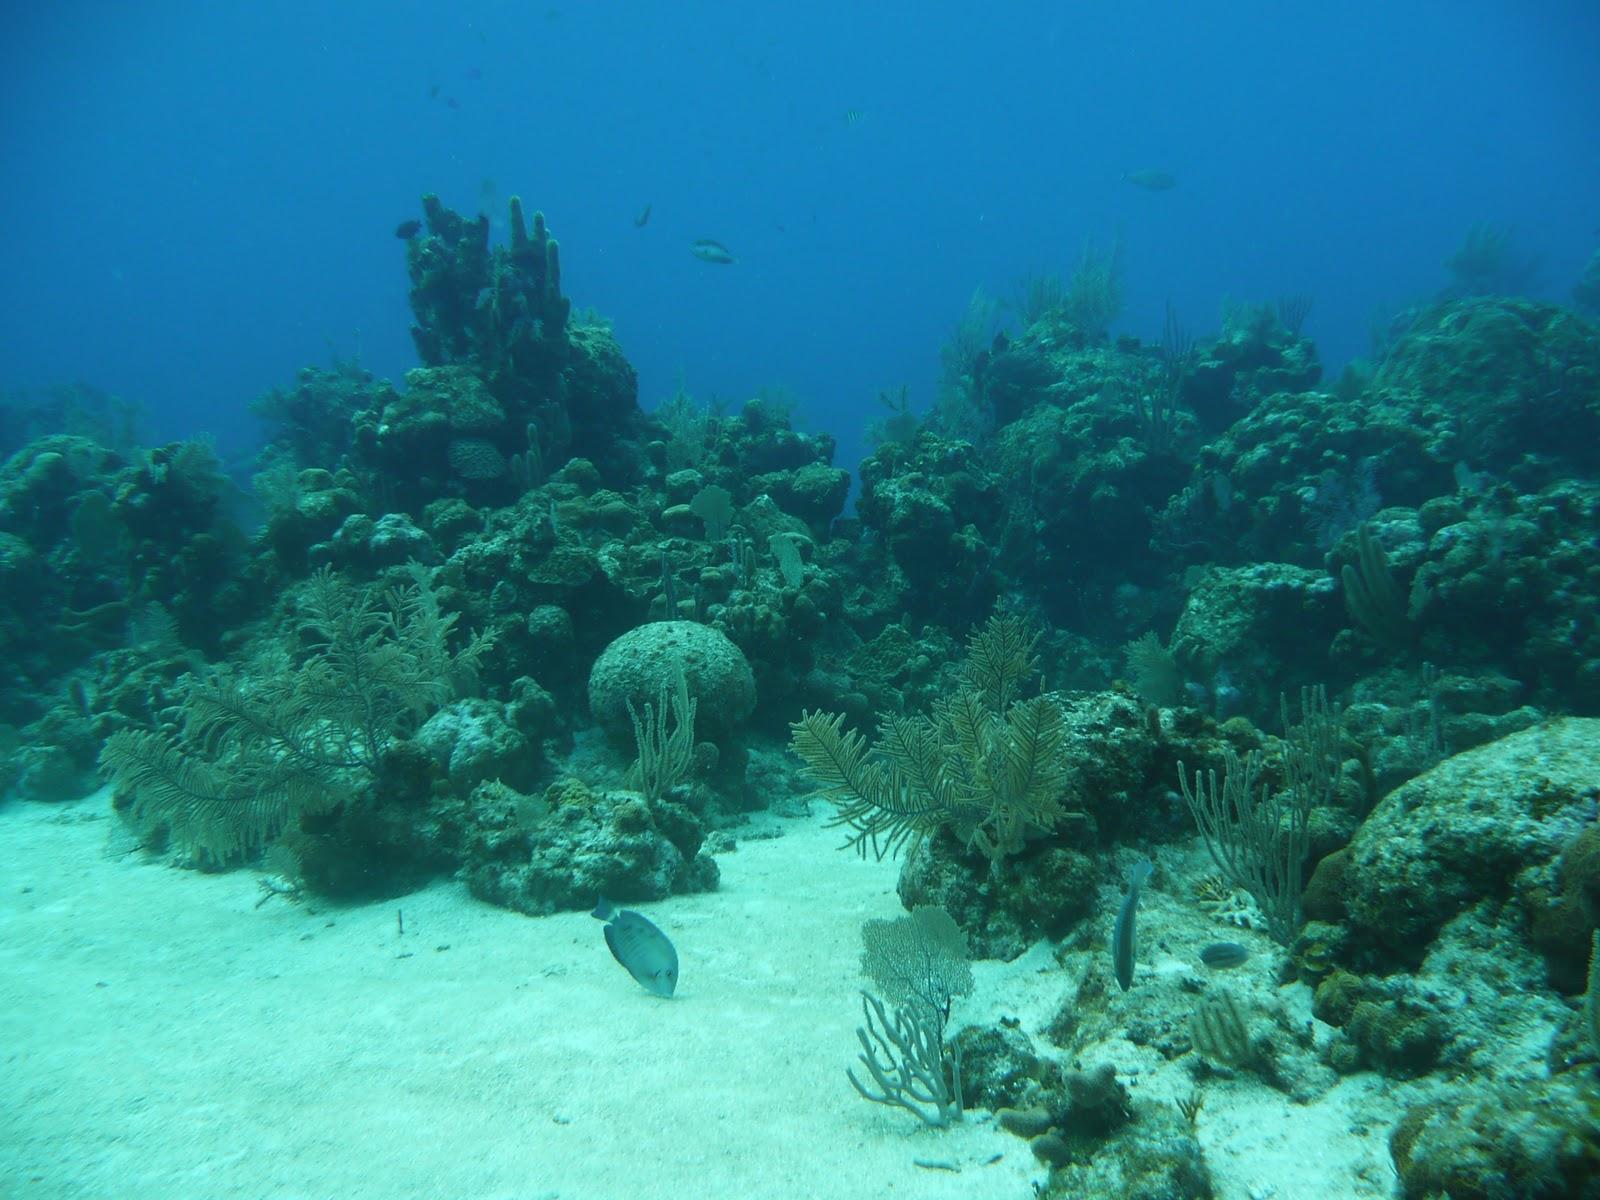 Ocean Plants Underwate...